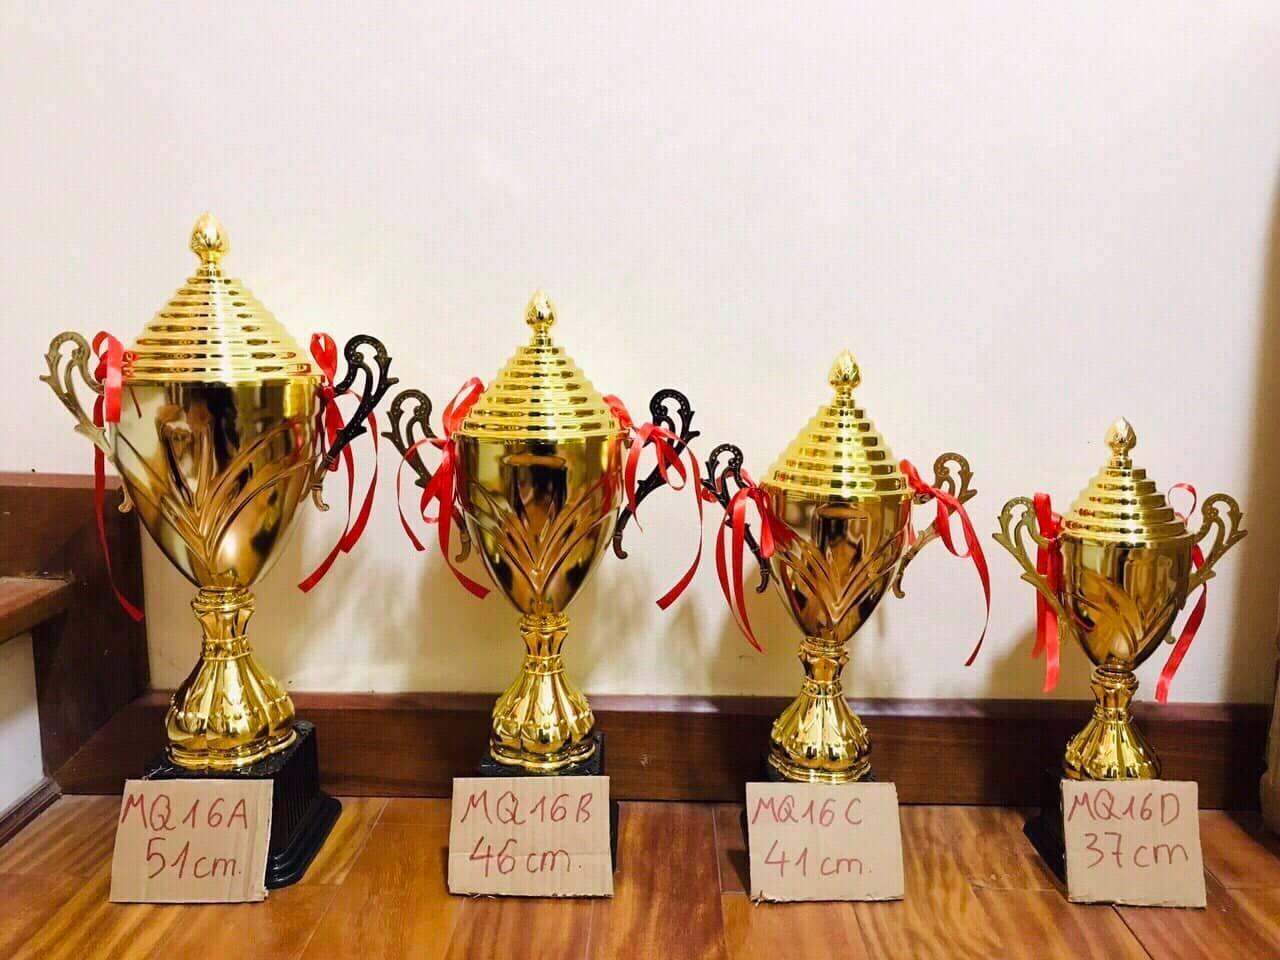 Siêu Tiết Kiệm Khi Mua Cup Vô địch Mẫu Mới Siêu đẹp